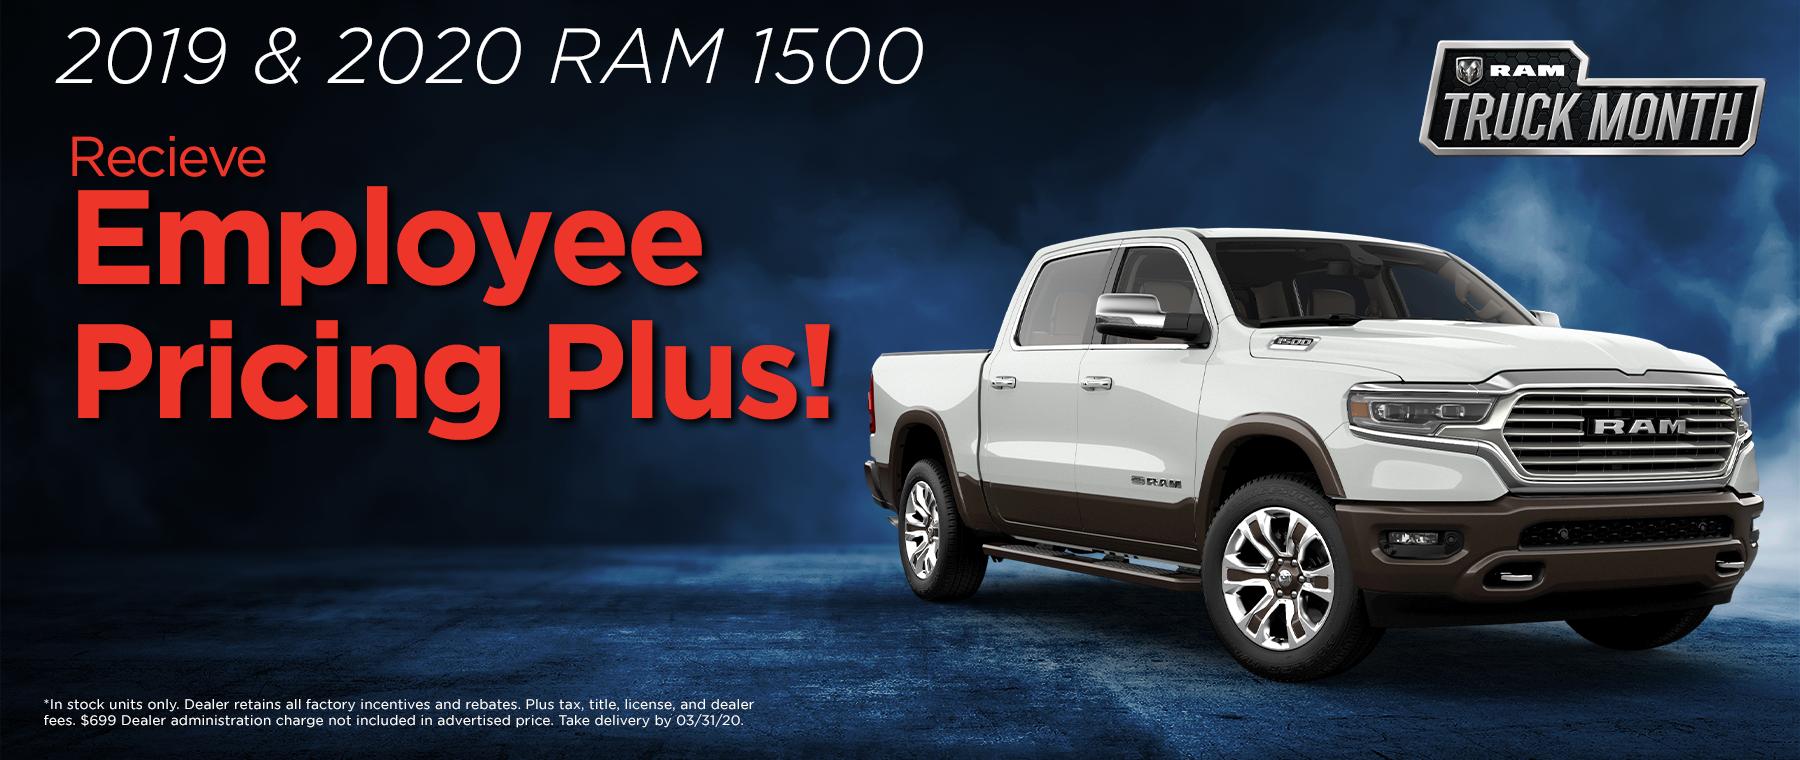 Ram 1500 Specials